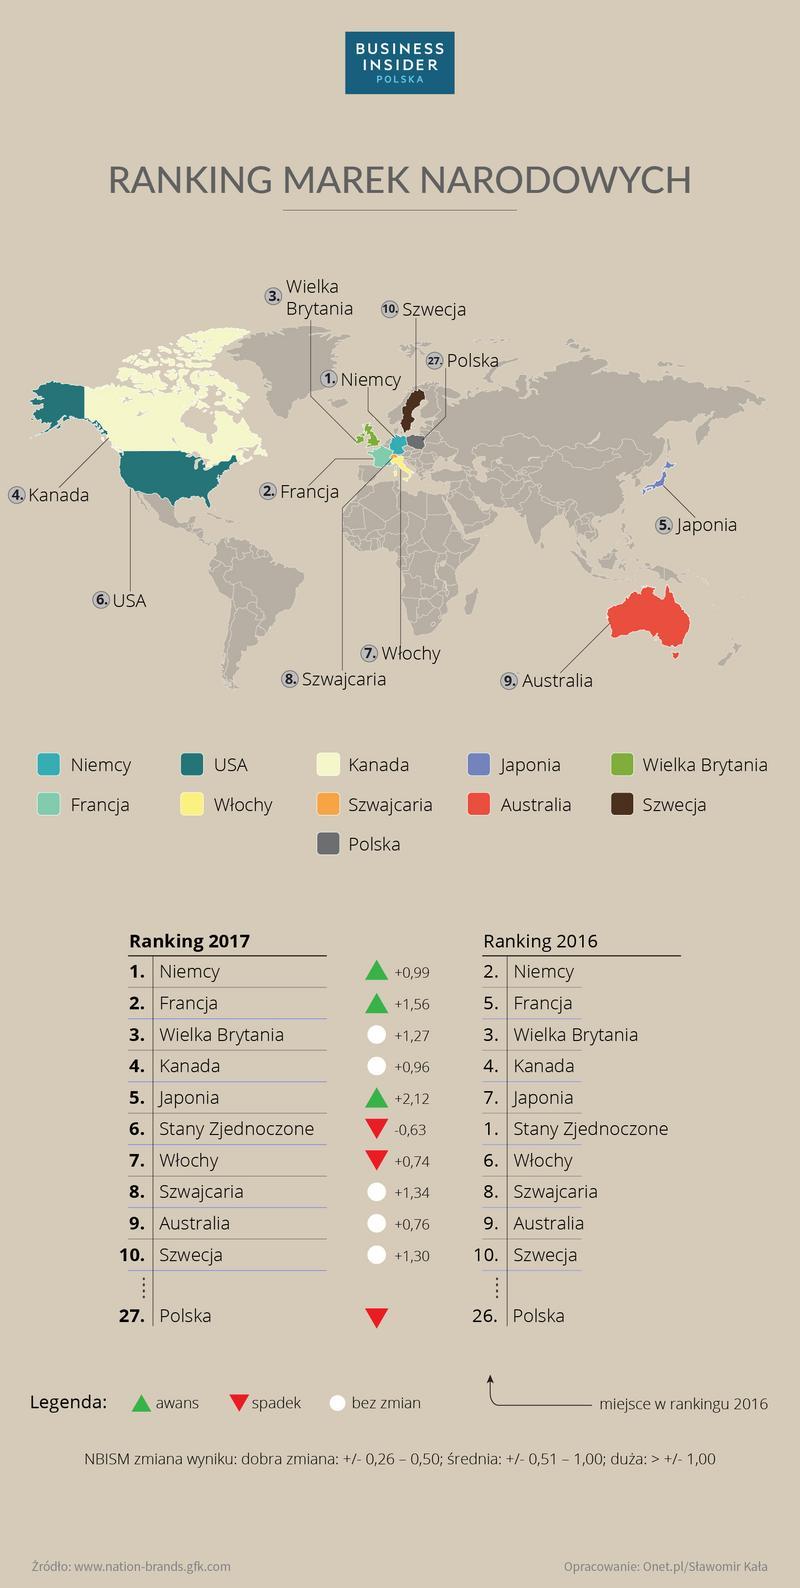 Ranking marek narodowych